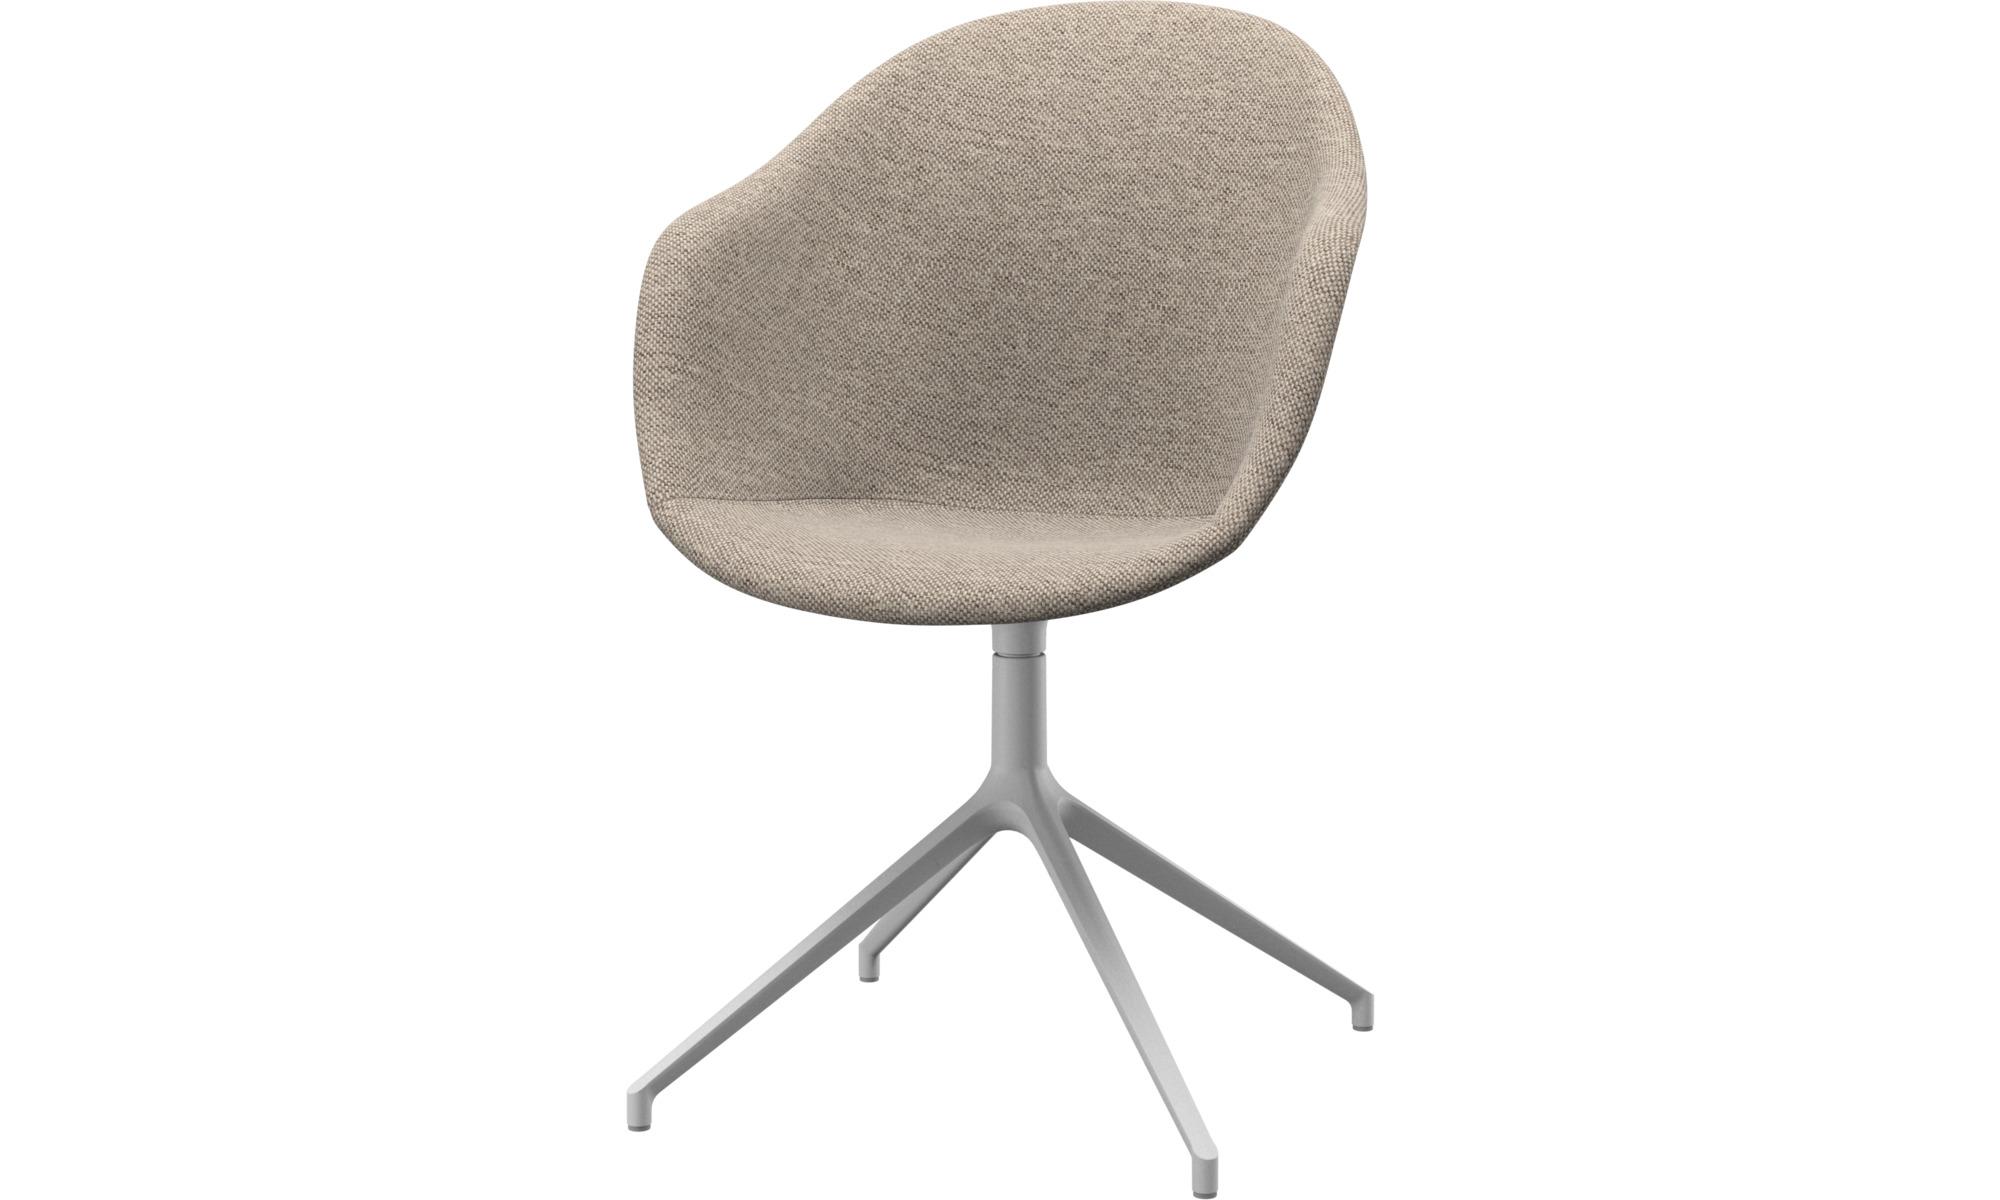 Home Office-Schreibtischstühle - Adelaide Stuhl mit Drehfunktion - Beige - Stoff